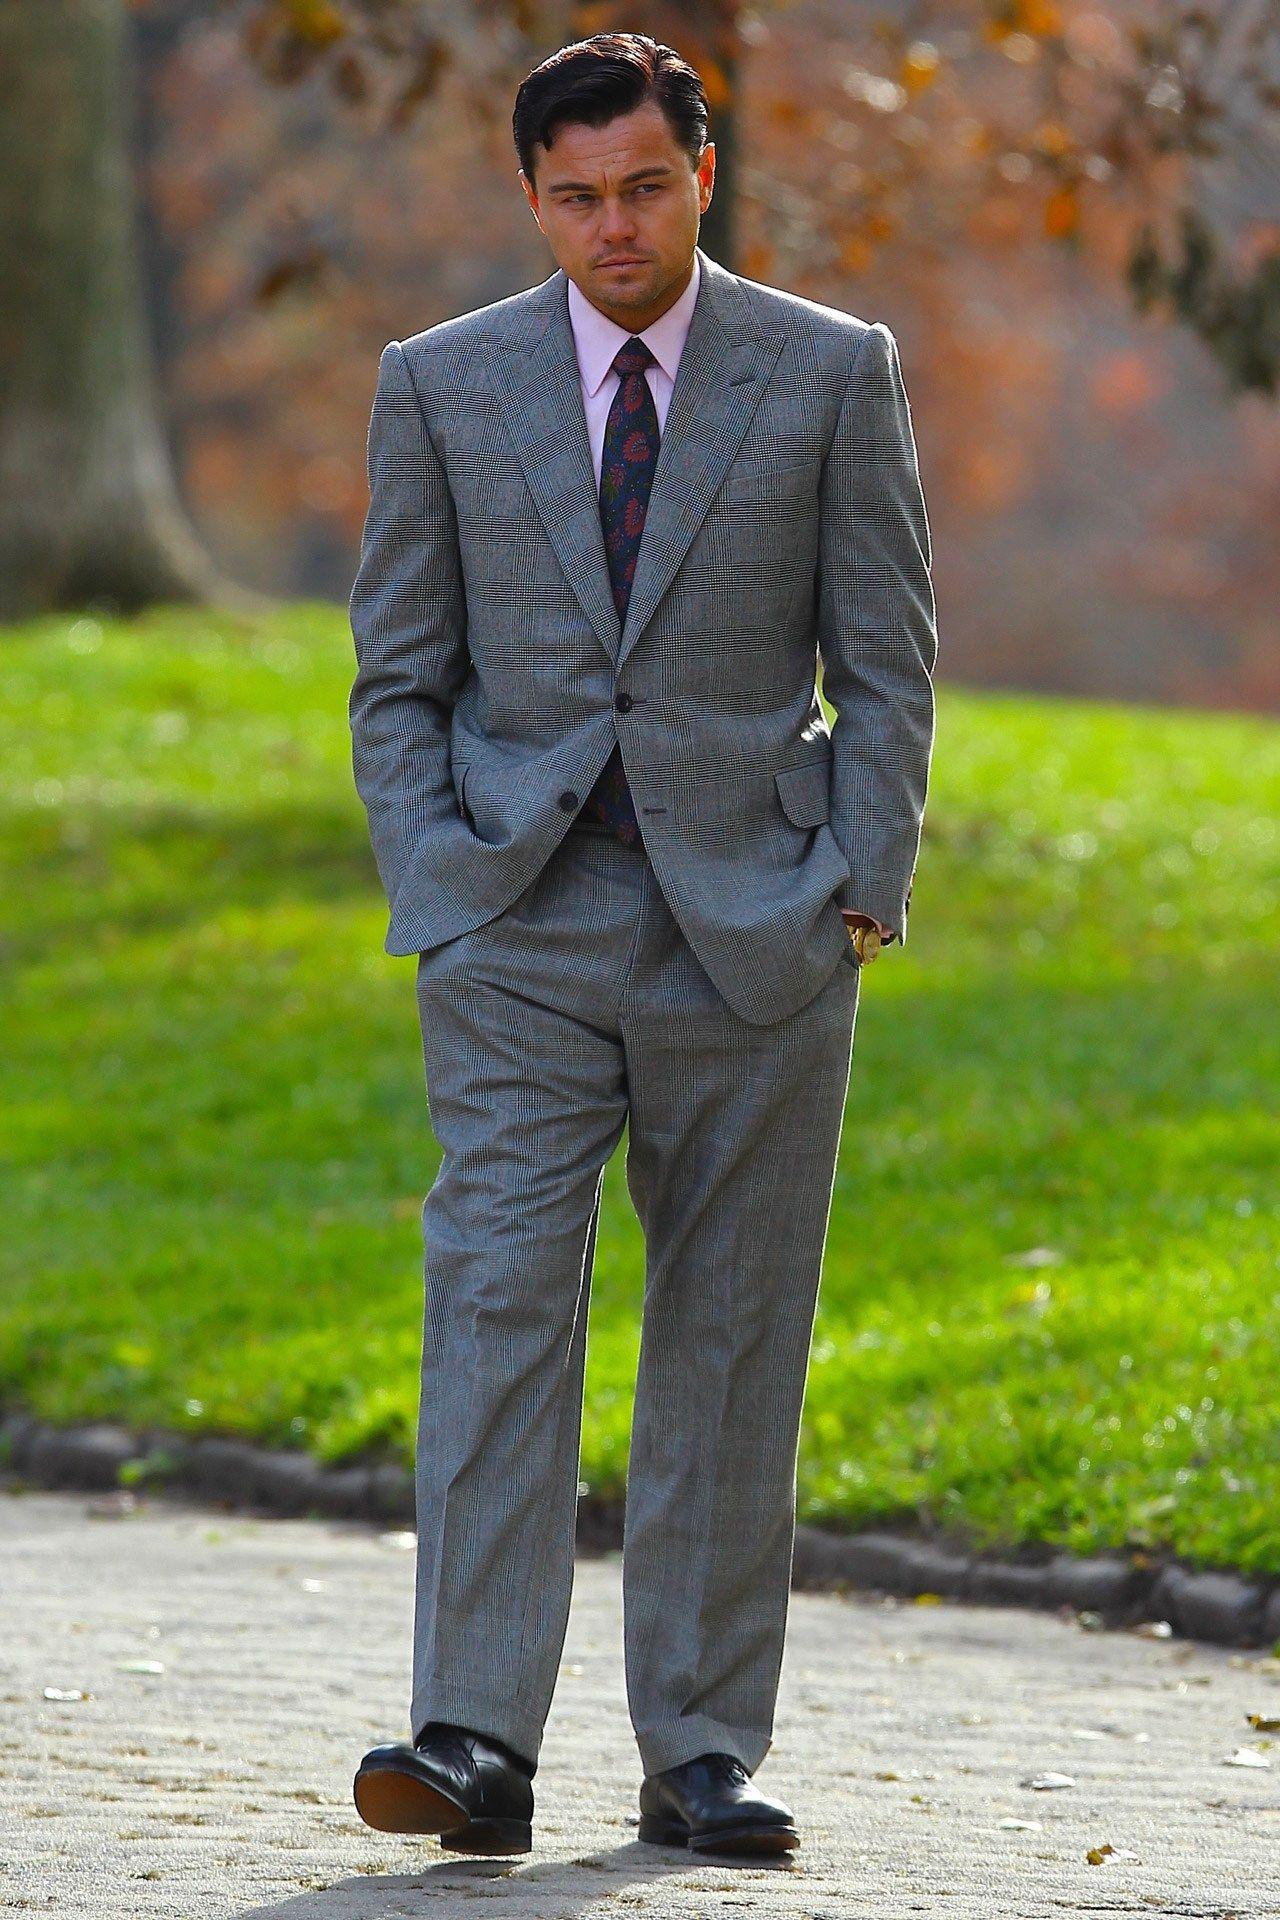 cf0838c0fdf Leonardo DiCaprio as Jordan Belfort in The Wolf of Wall Street (2013 ...